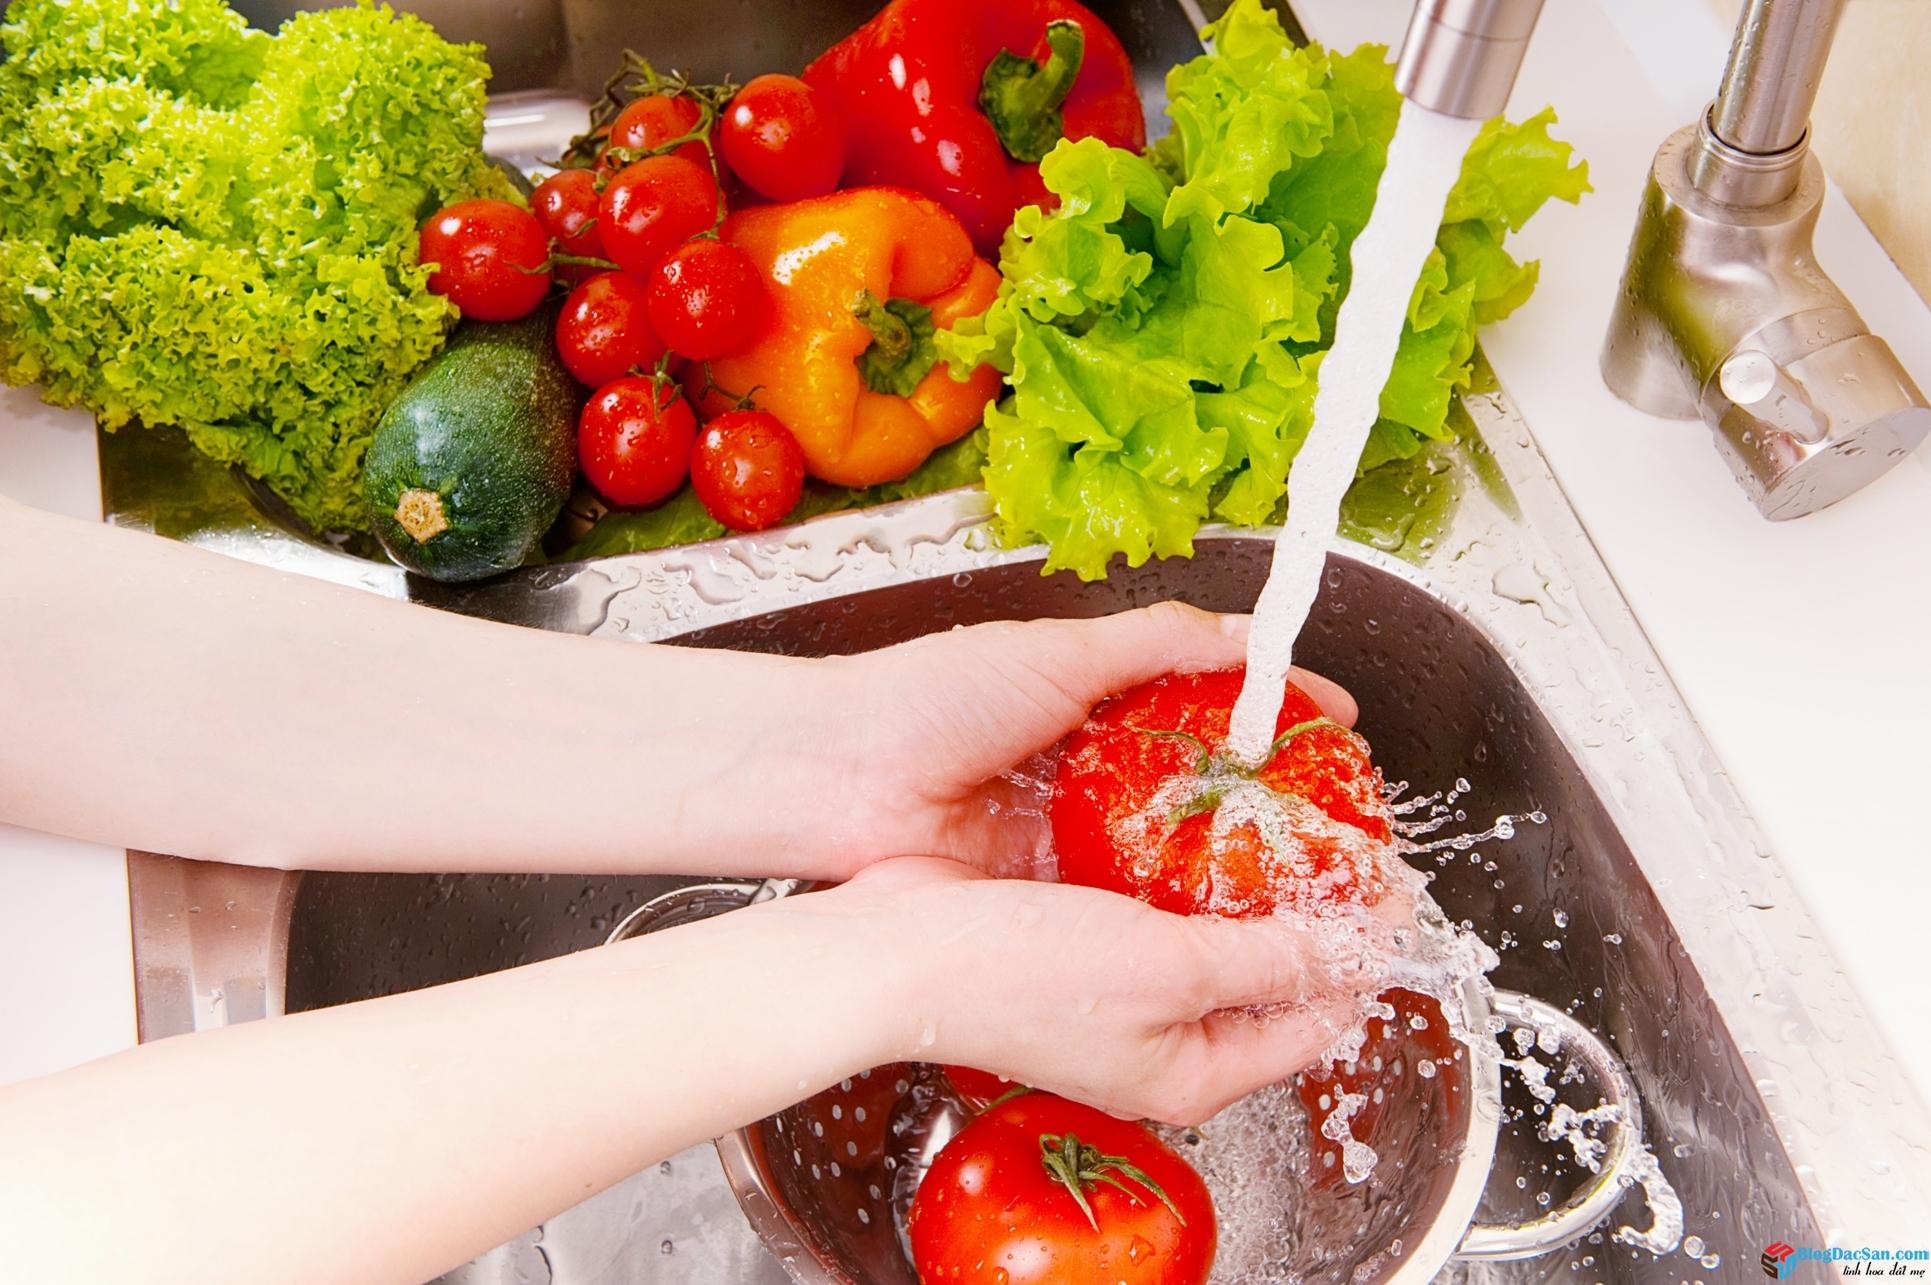 Công văn số 7468/BNN-QLCL ngày 05/9/2016 về việc thực hiện Chỉ thị 13/CT-TTg và các nhiệm vụ trọng tâm đảm bảo an toàn thực phẩm